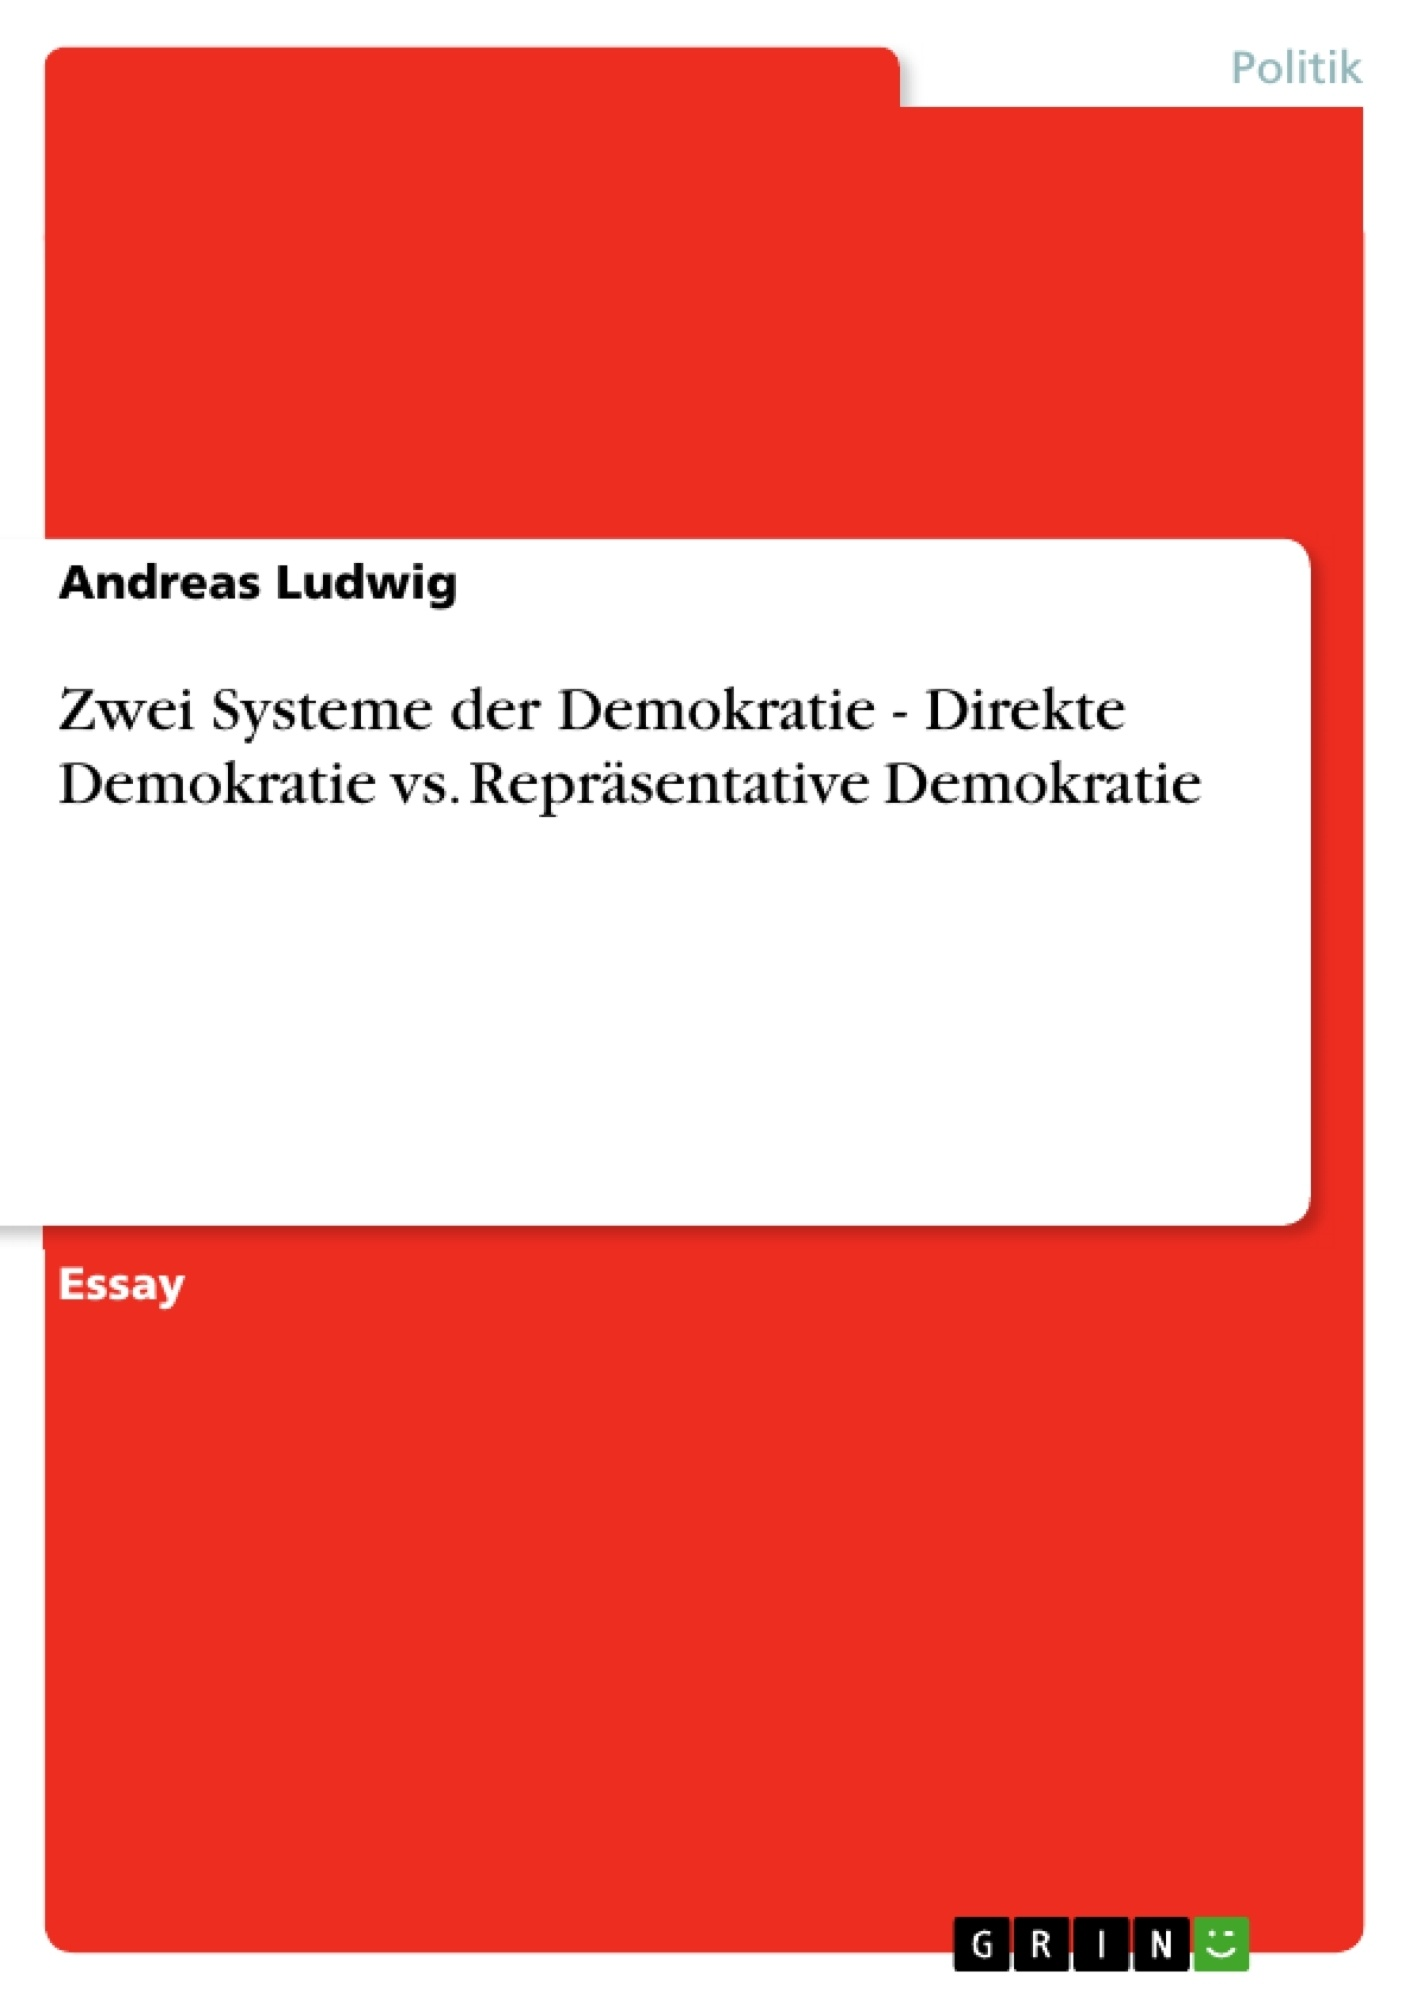 Titel: Zwei Systeme der Demokratie - Direkte Demokratie vs. Repräsentative Demokratie